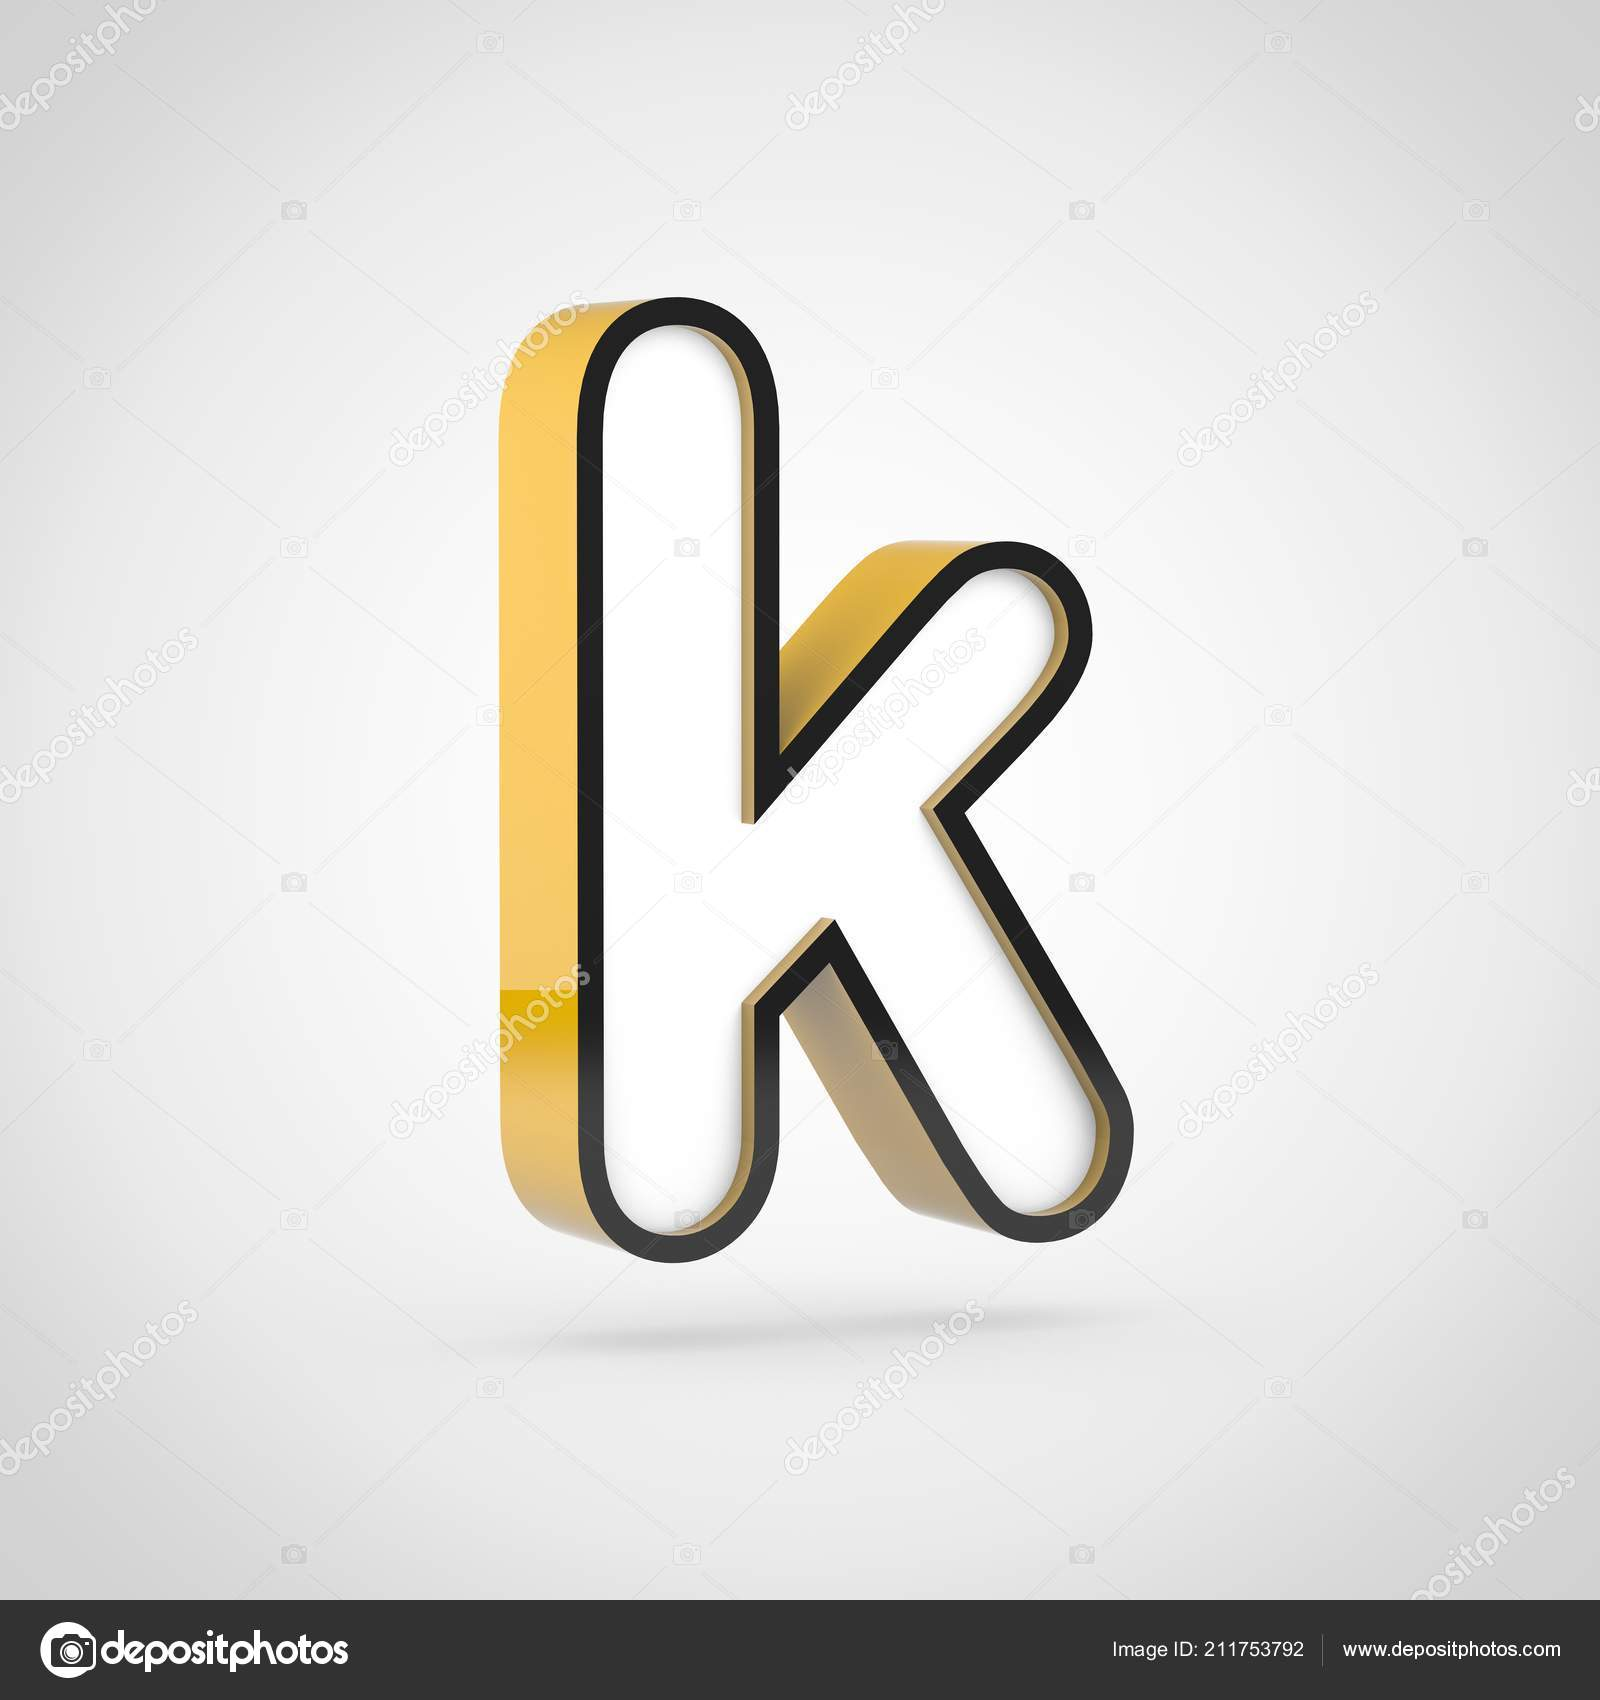 Golden Letter Lowercase White Face Black Outline Render Font